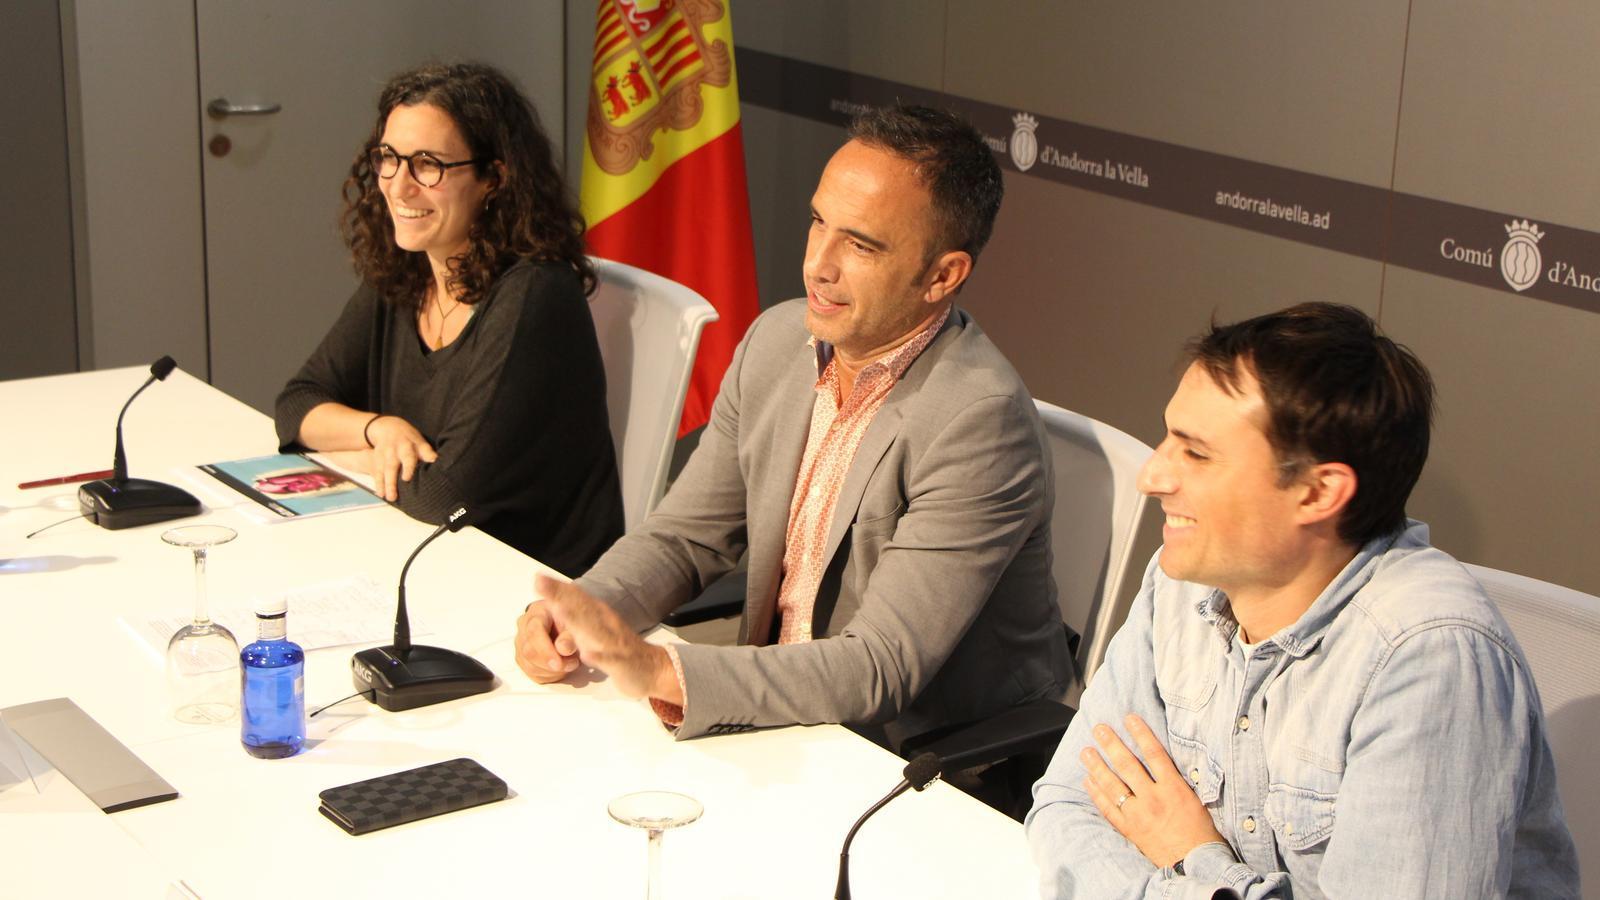 Sara Valls, integrant de l'associació Ull Nu, Alain Cabanes, conseller de Joventut i Esports del comú d'Andorra la Vella i Hèctor Mas, director del festival Ull Nu.